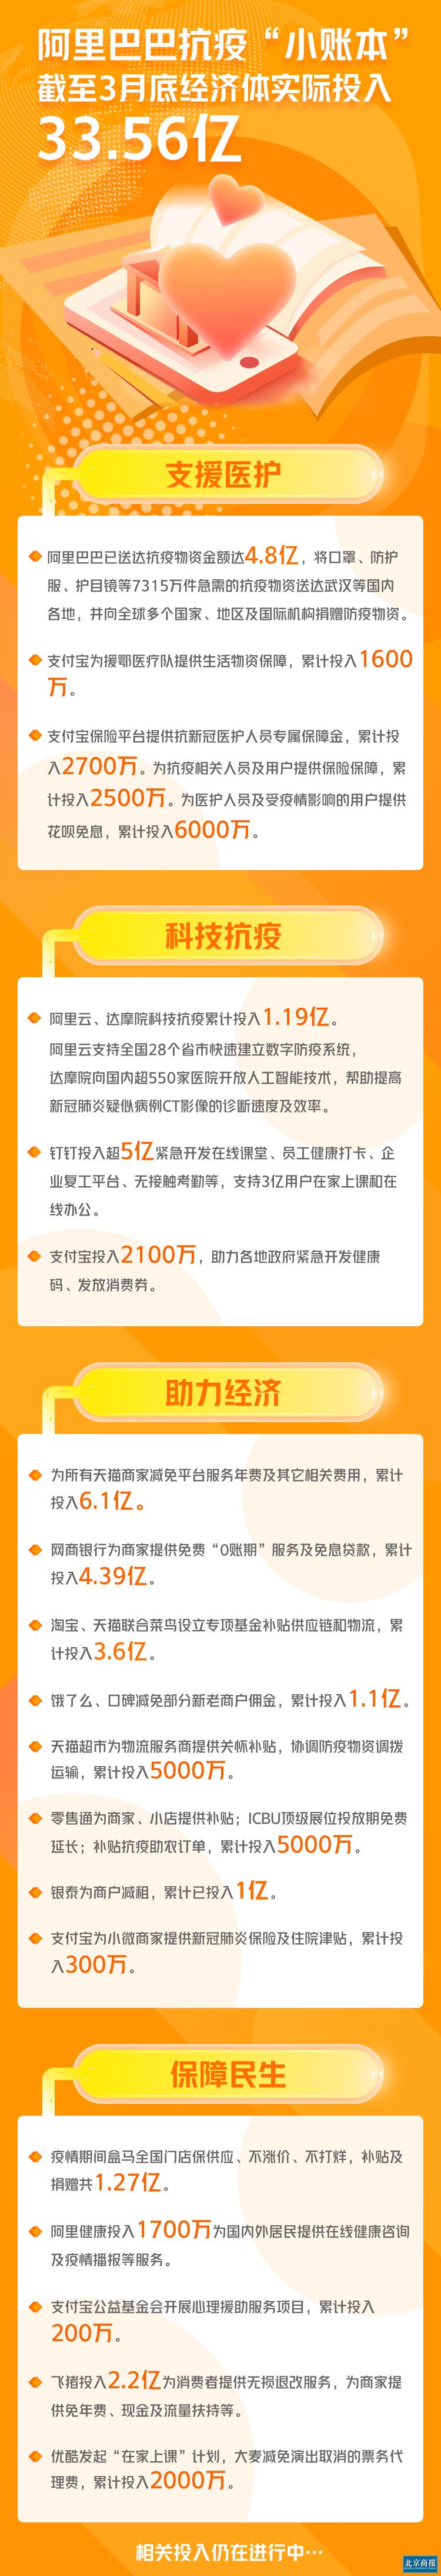 WechatIMG4882